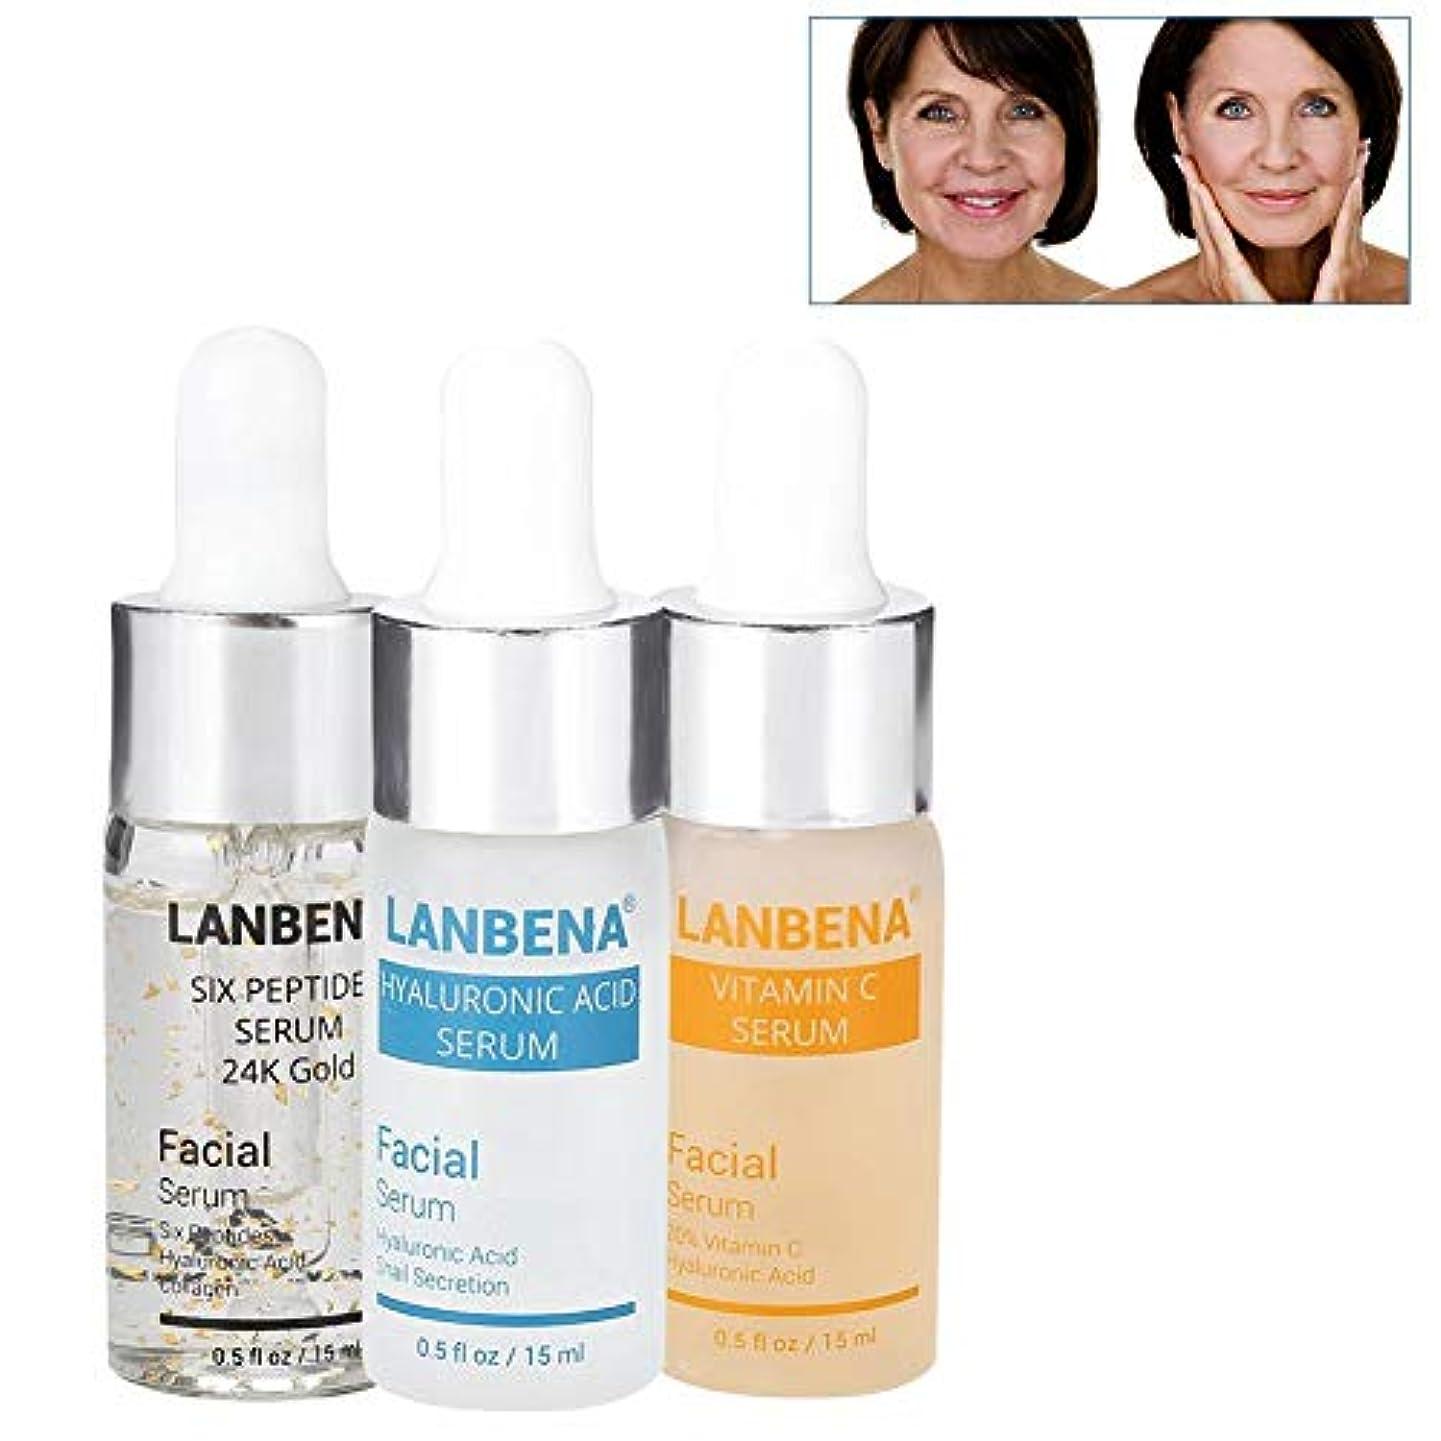 ランチョン実験的バターしわのそばかすおよび斑点を取除くための顔の24K金の反の顔のクリームの豊富なヒアルロン酸の血清の6つのペプチッド血清のためのSemmeのビタミンCの血清